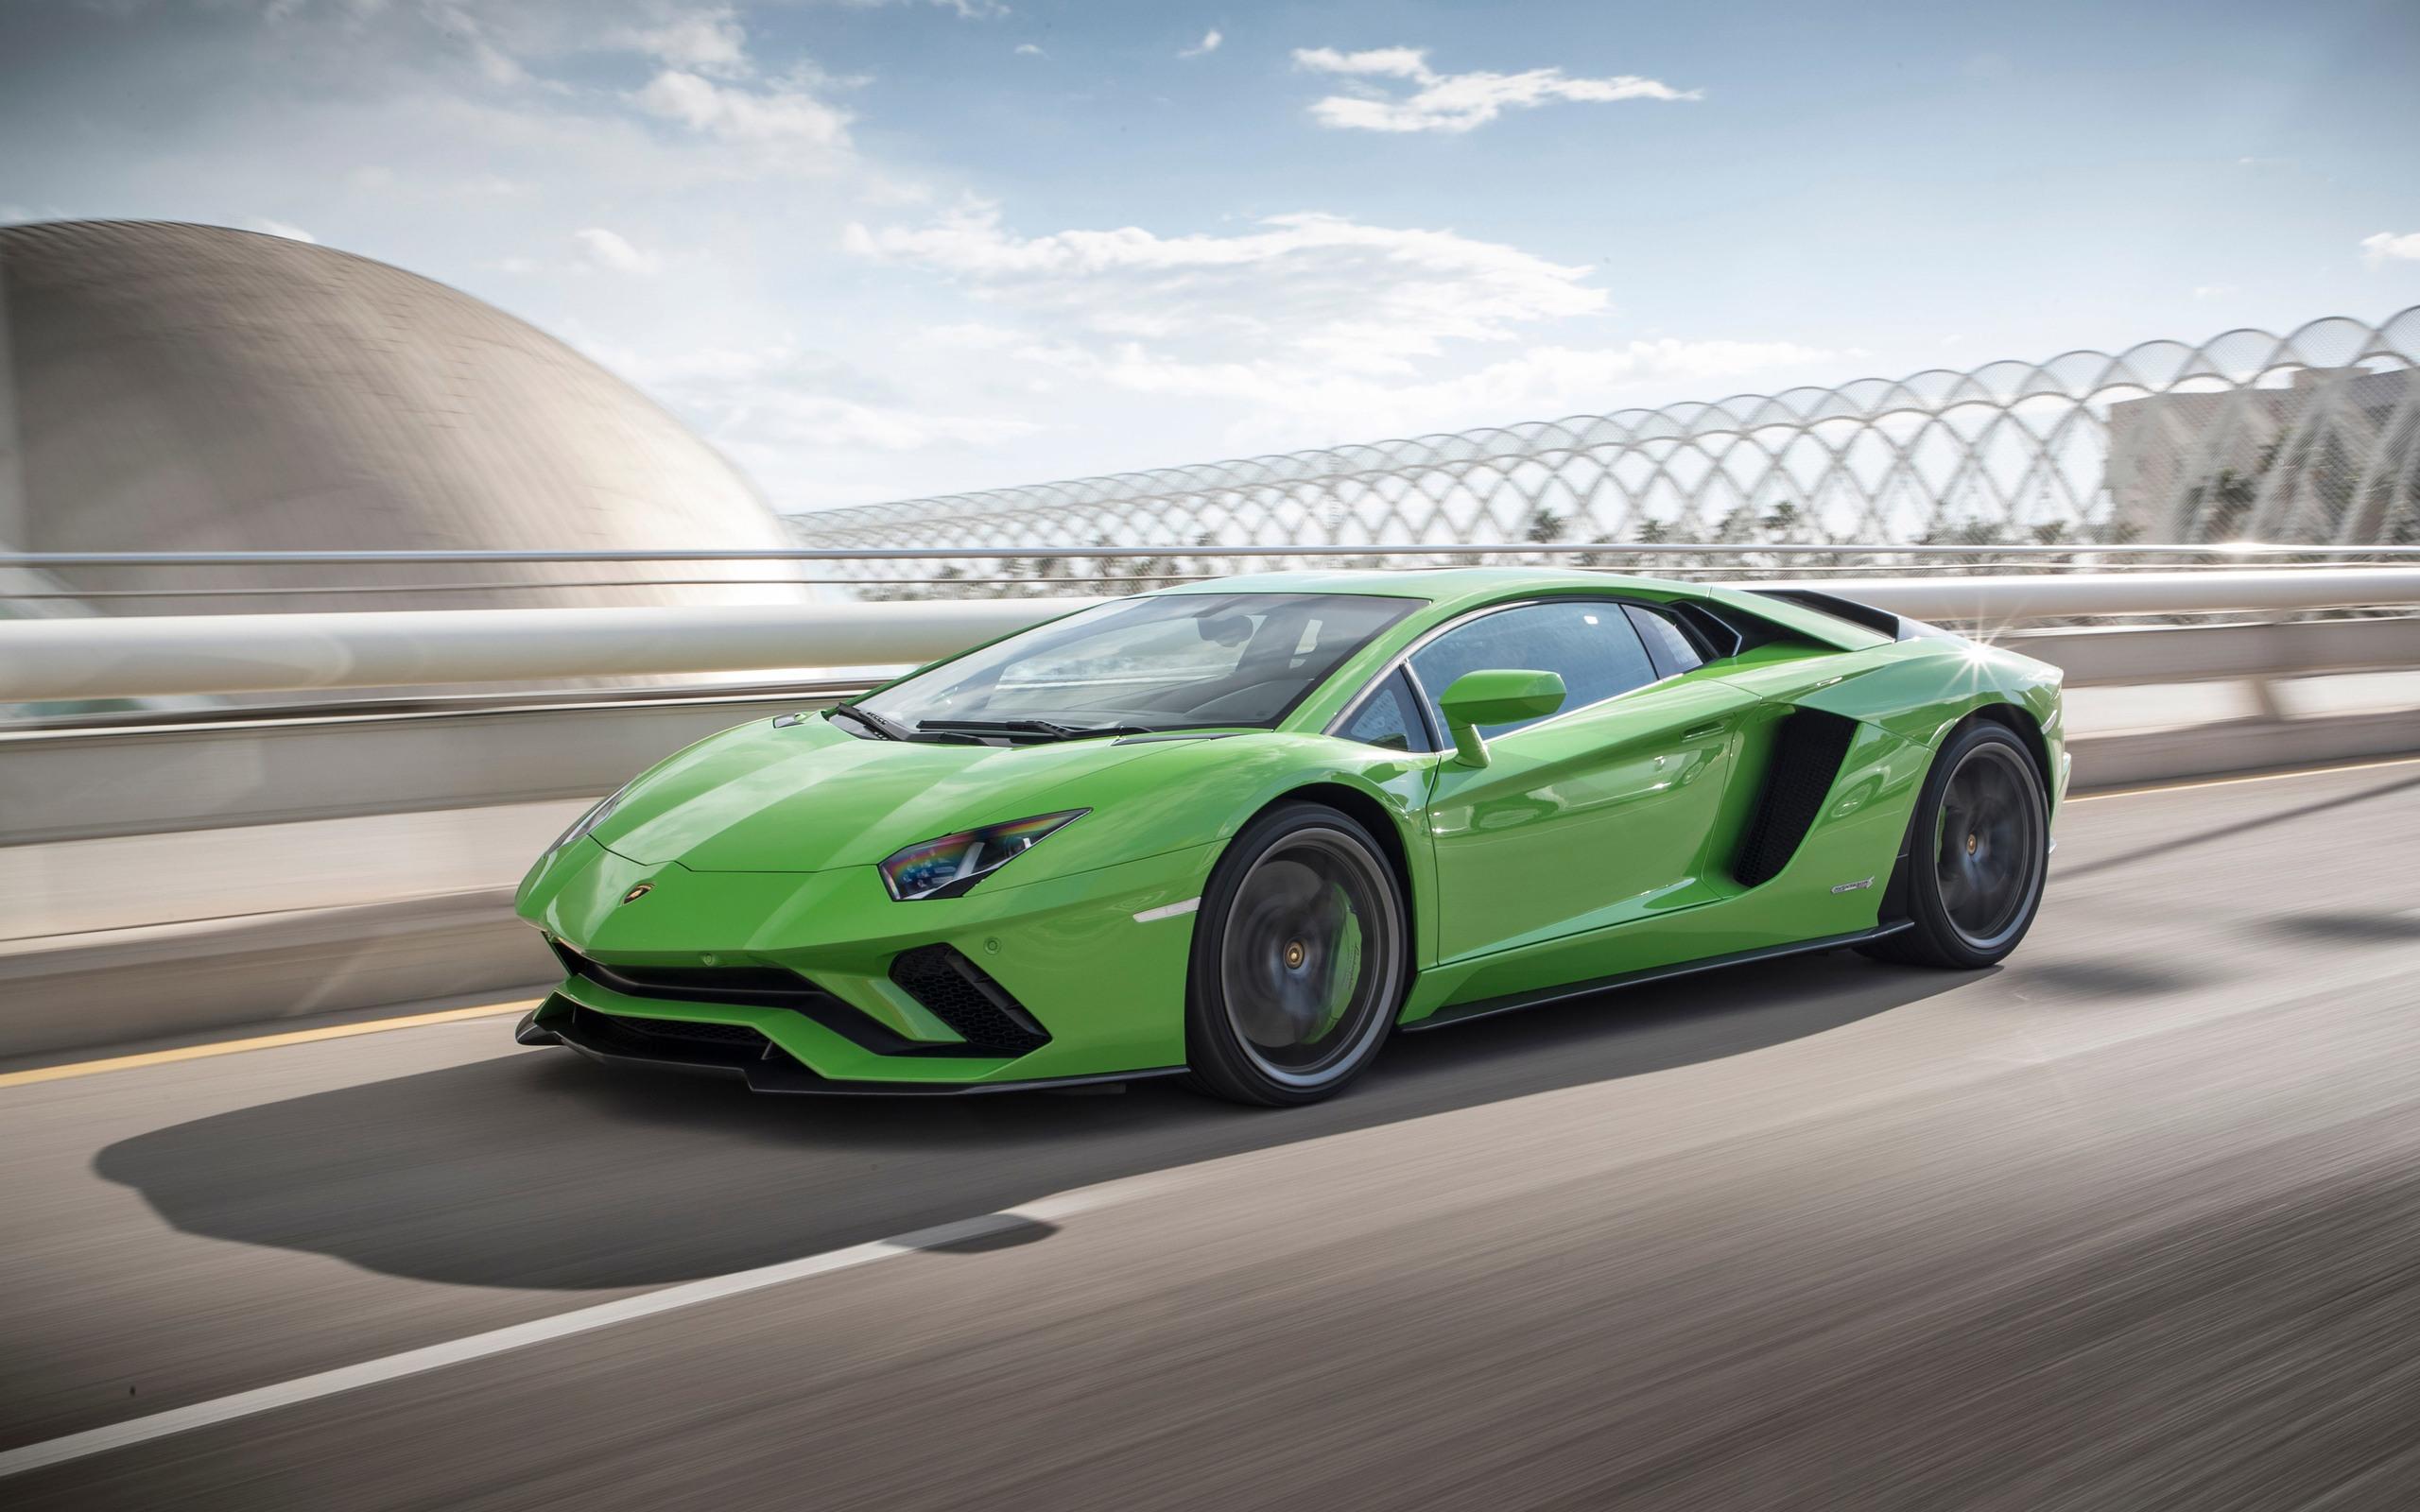 Lamborghini Aventador Green 4k Hd Cars 4k Wallpapers: 2560x1600 Lamborghini Aventador S 4k 2560x1600 Resolution